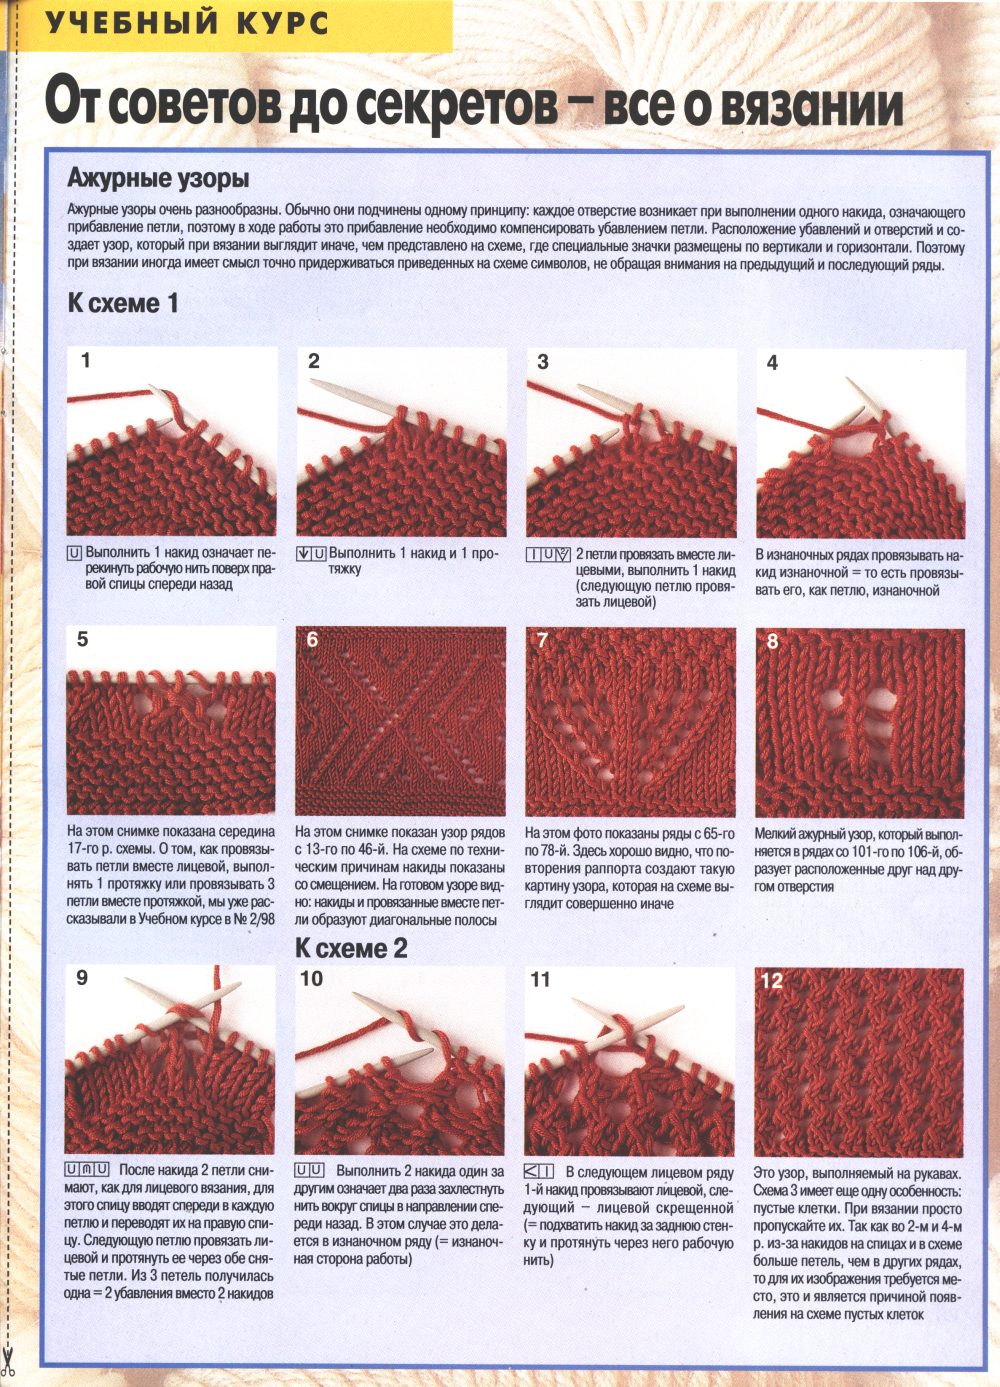 Как симметрично убавить петли спицами? Видео мастер-класс 19